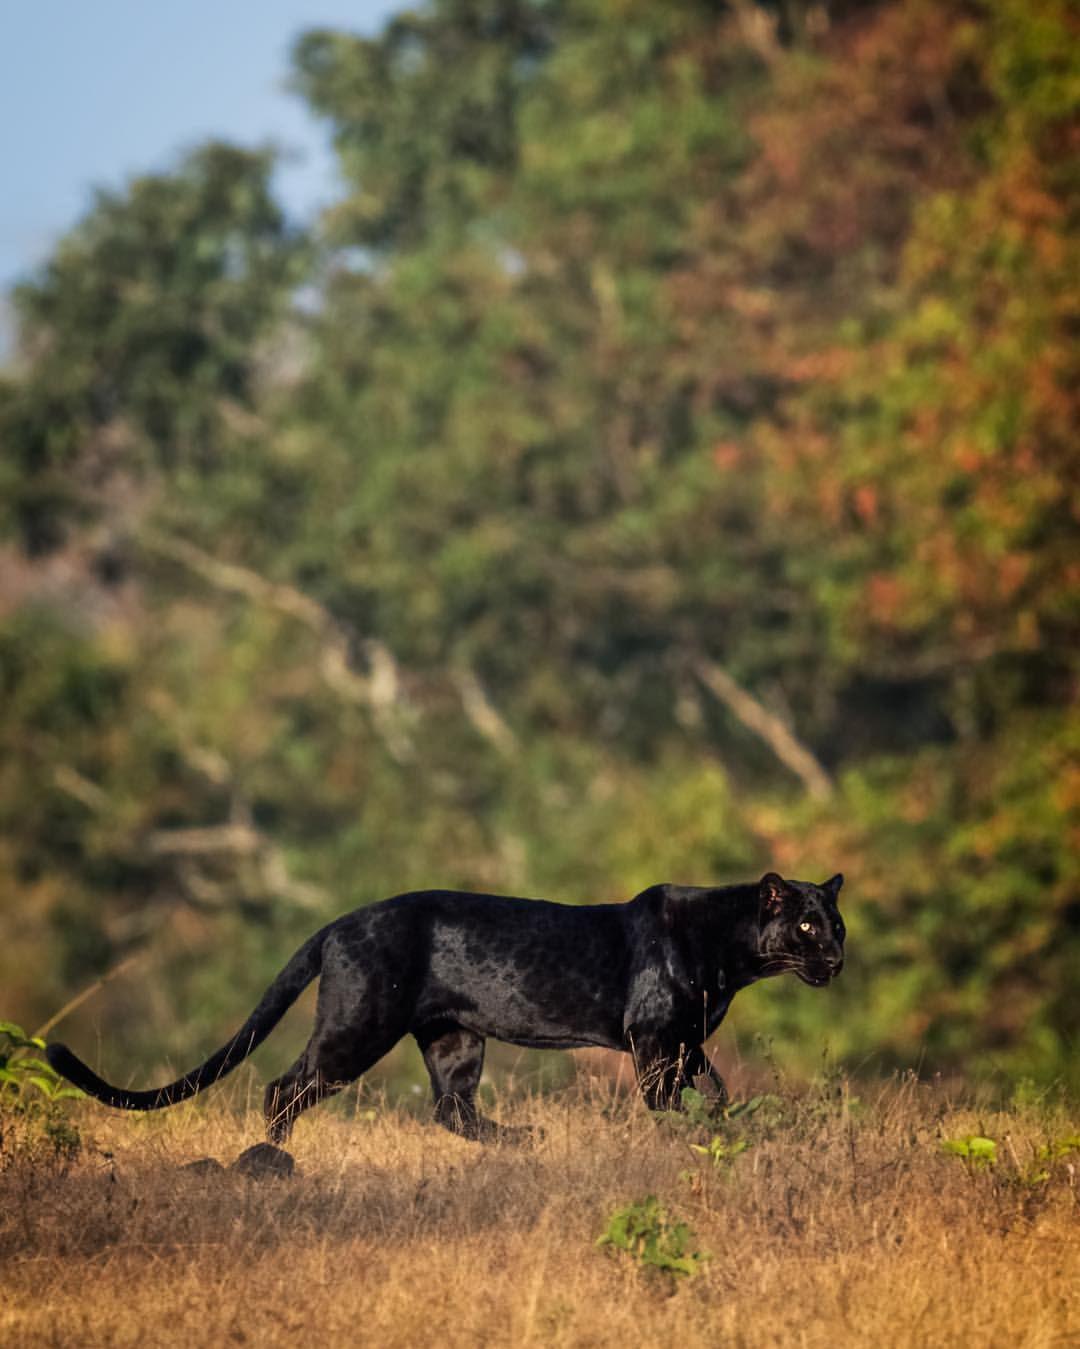 фото с пантерой на природе разработчики